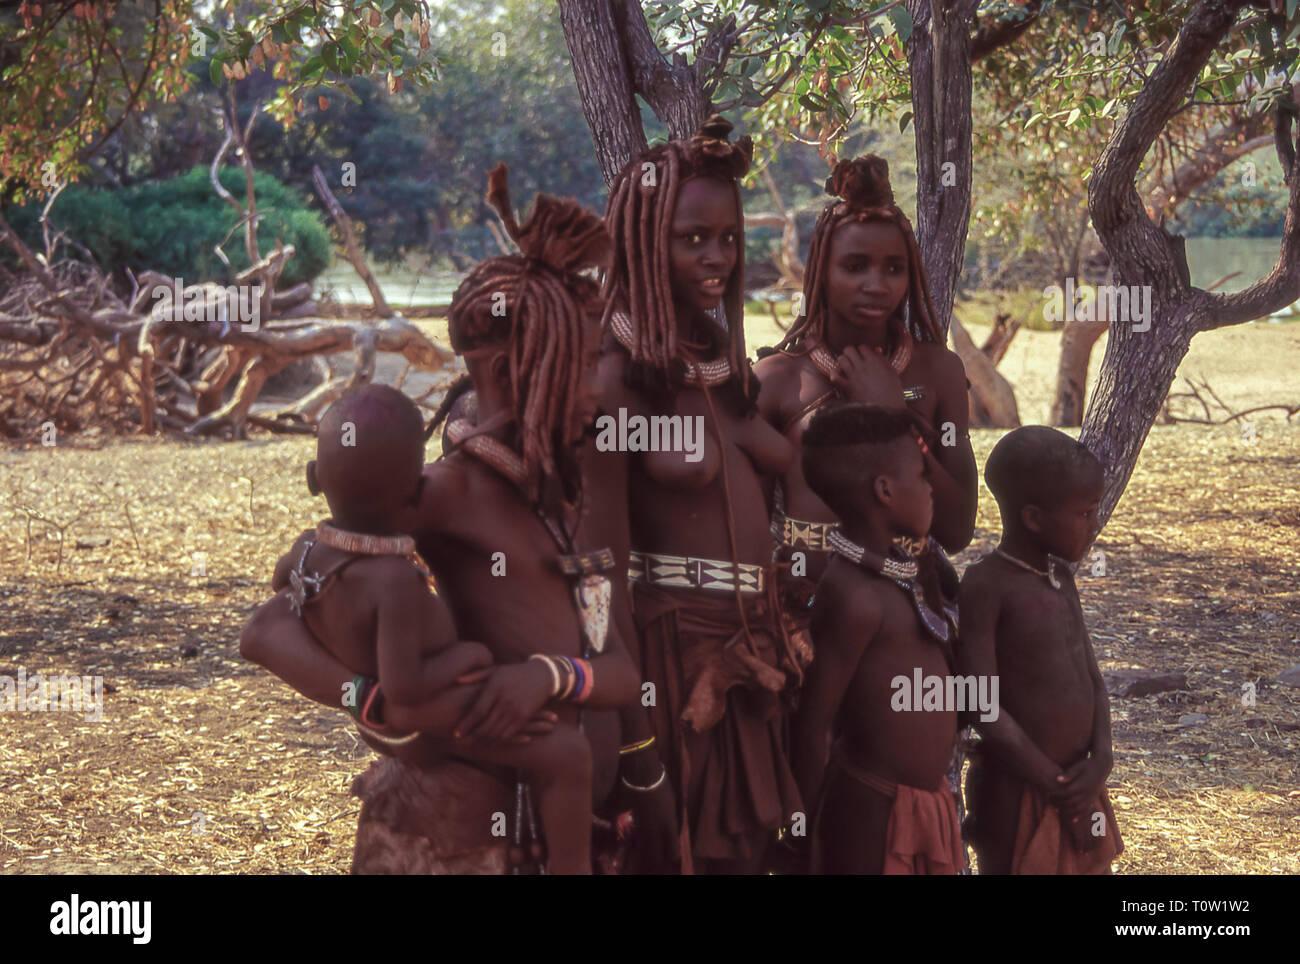 Grupo de jóvenes, mujeres y niños de la etnia Himba cerca del Epupa Falls en el río Kunene en Namibia, la frontera con Angola. Foto de stock